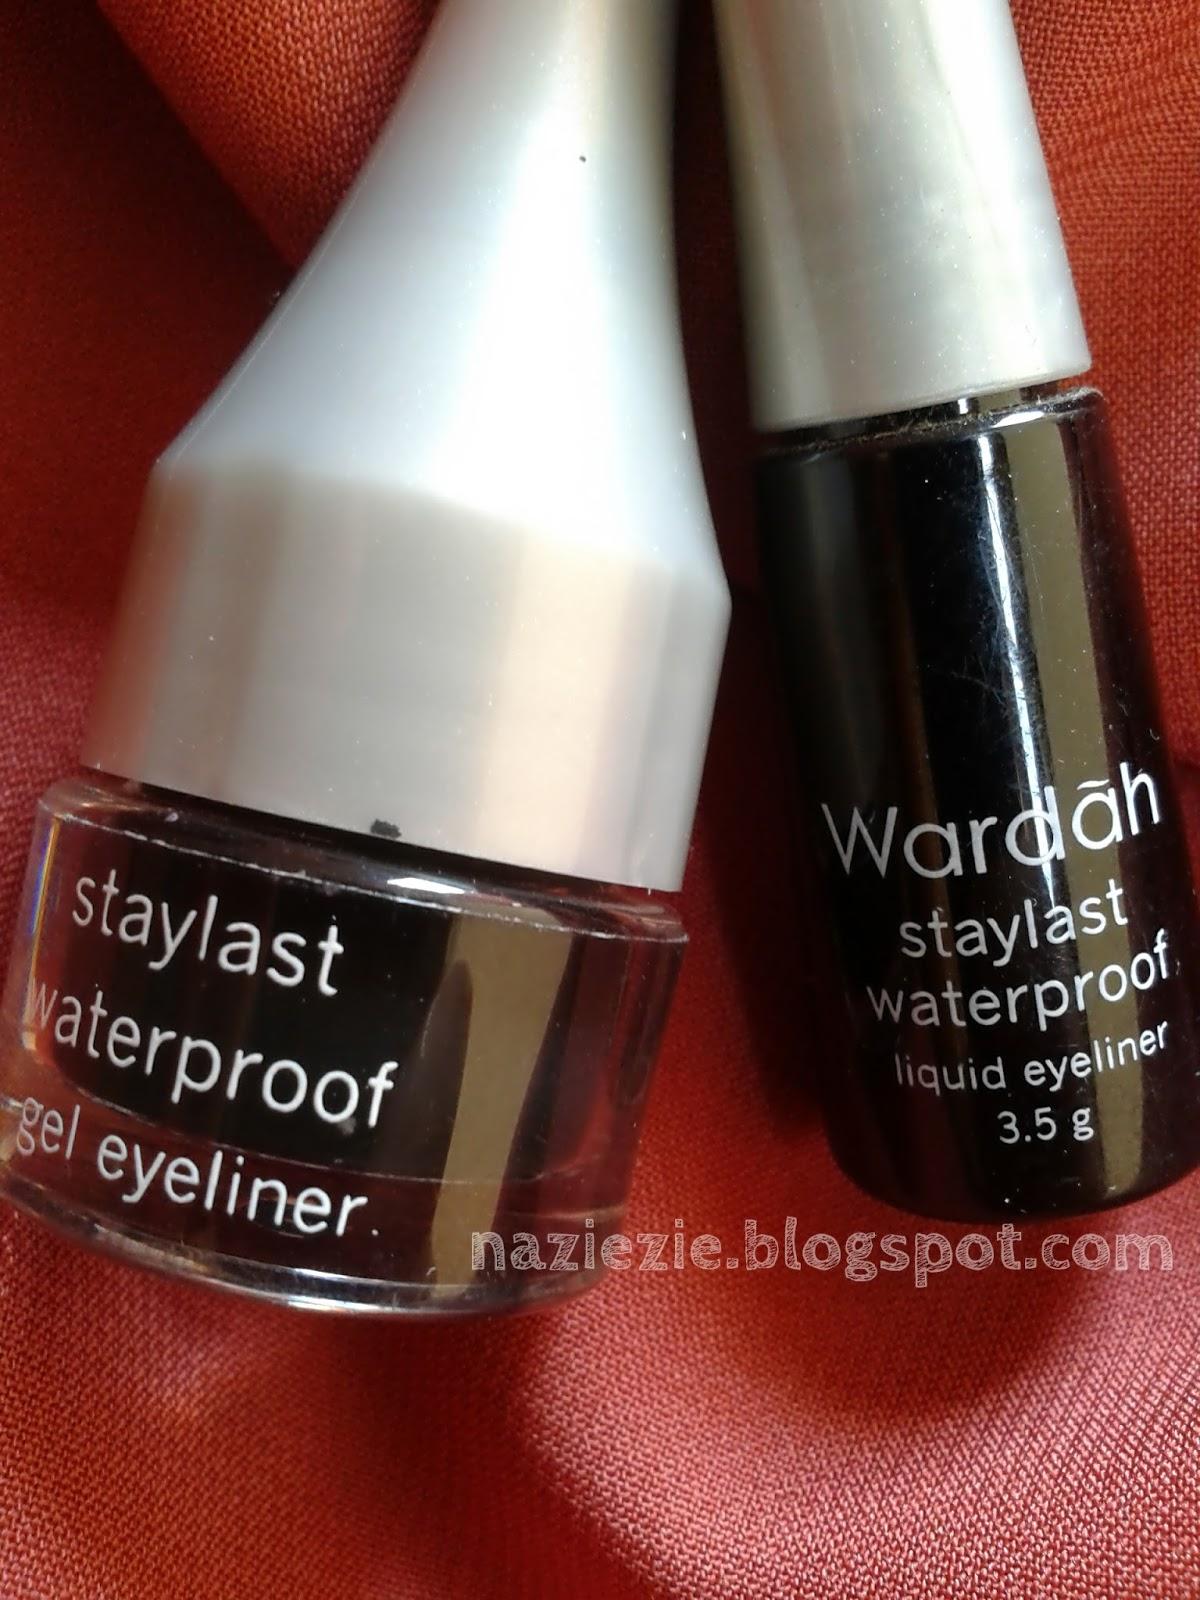 Review Staylast Waterproof Liquid Eyeliner Wardah